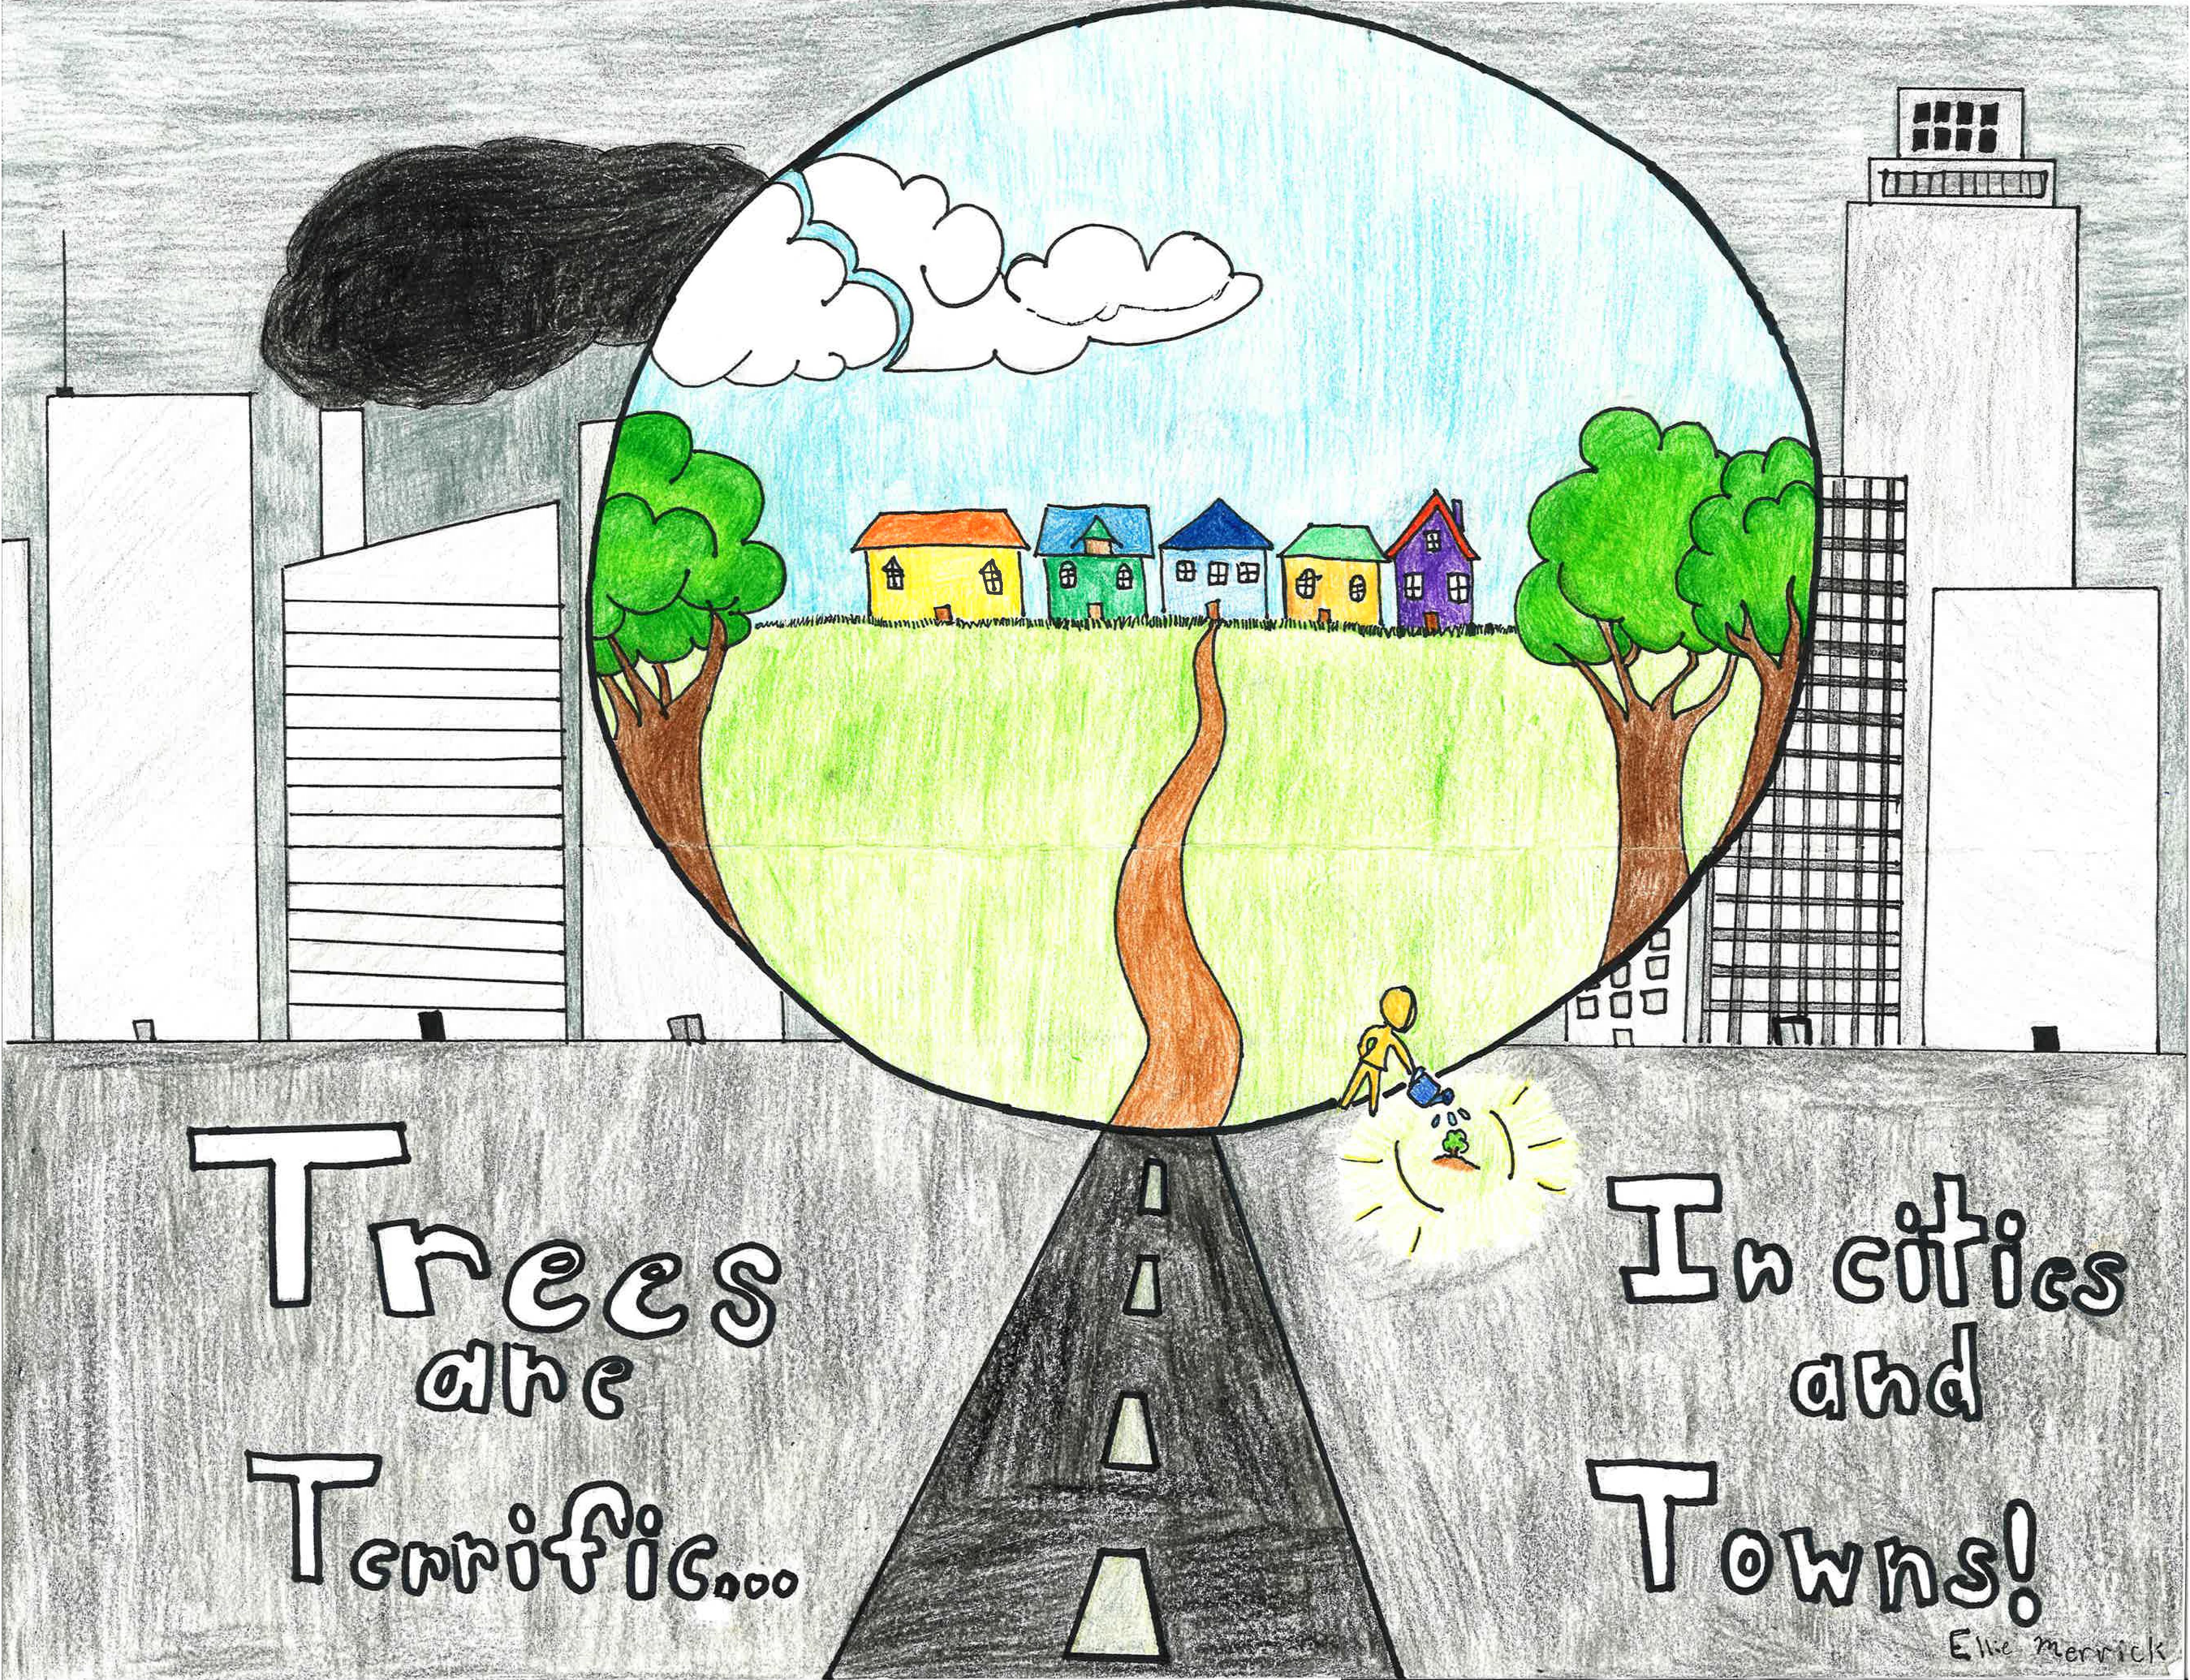 Ellie Merrick, 2019 Delaware Arbor Day Poster Contest winner.